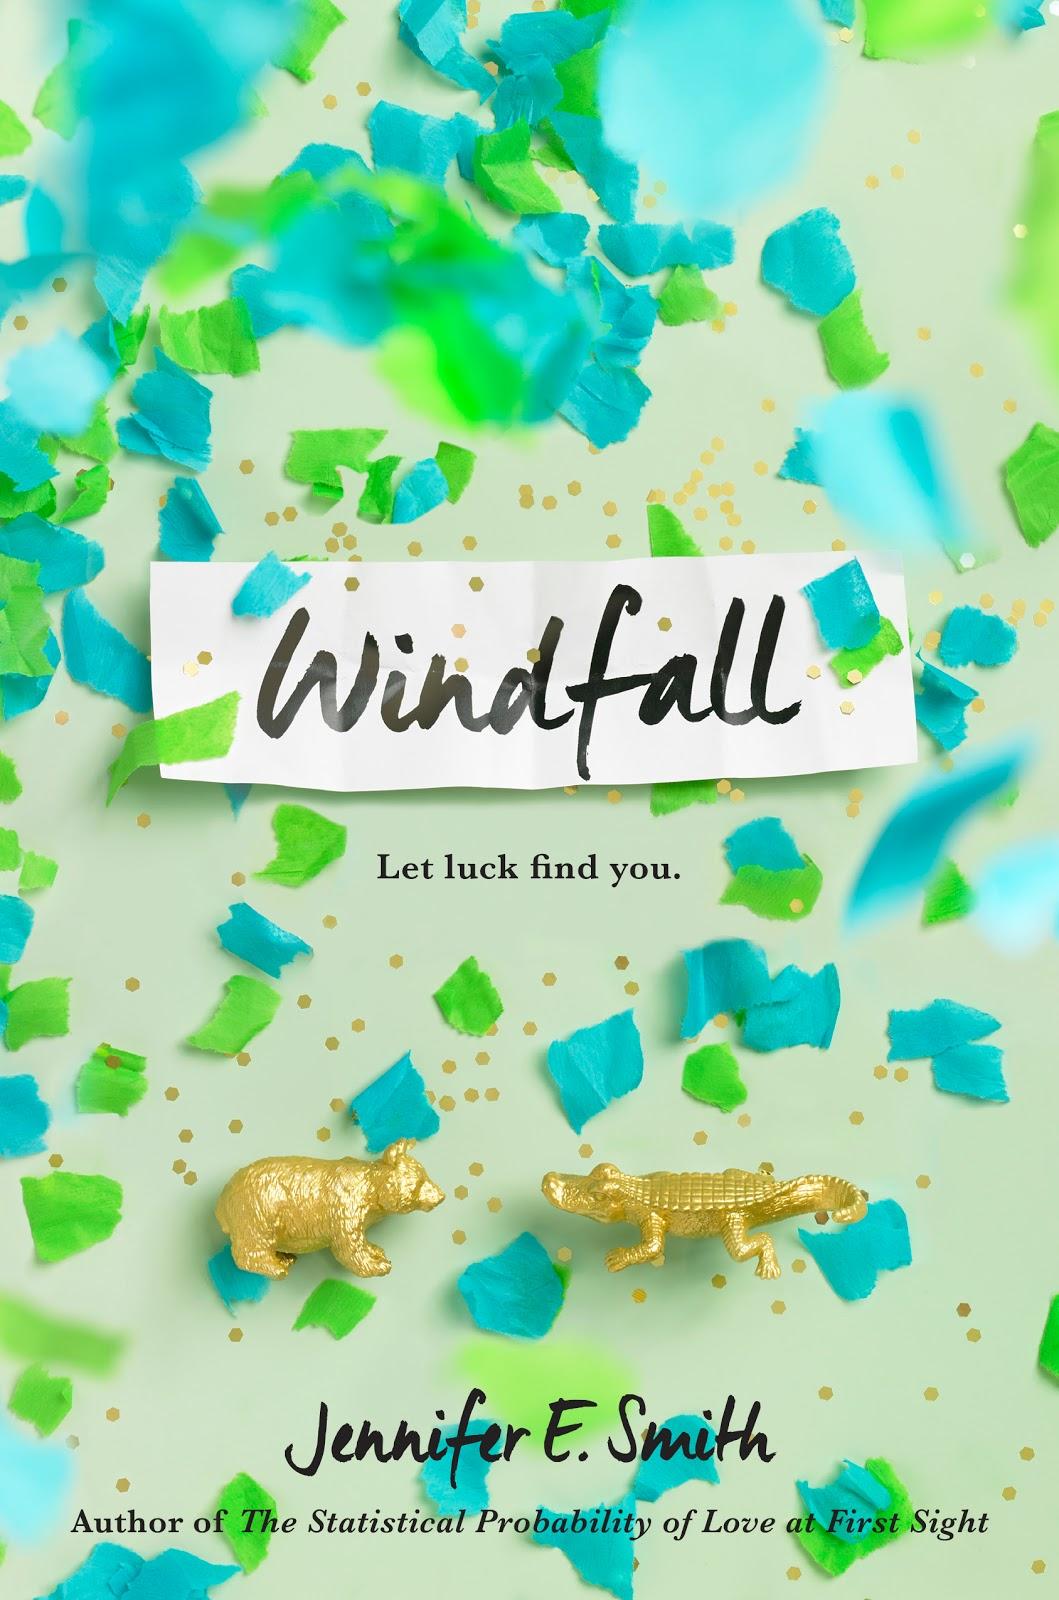 Windfall (Jennifer E. Smith)